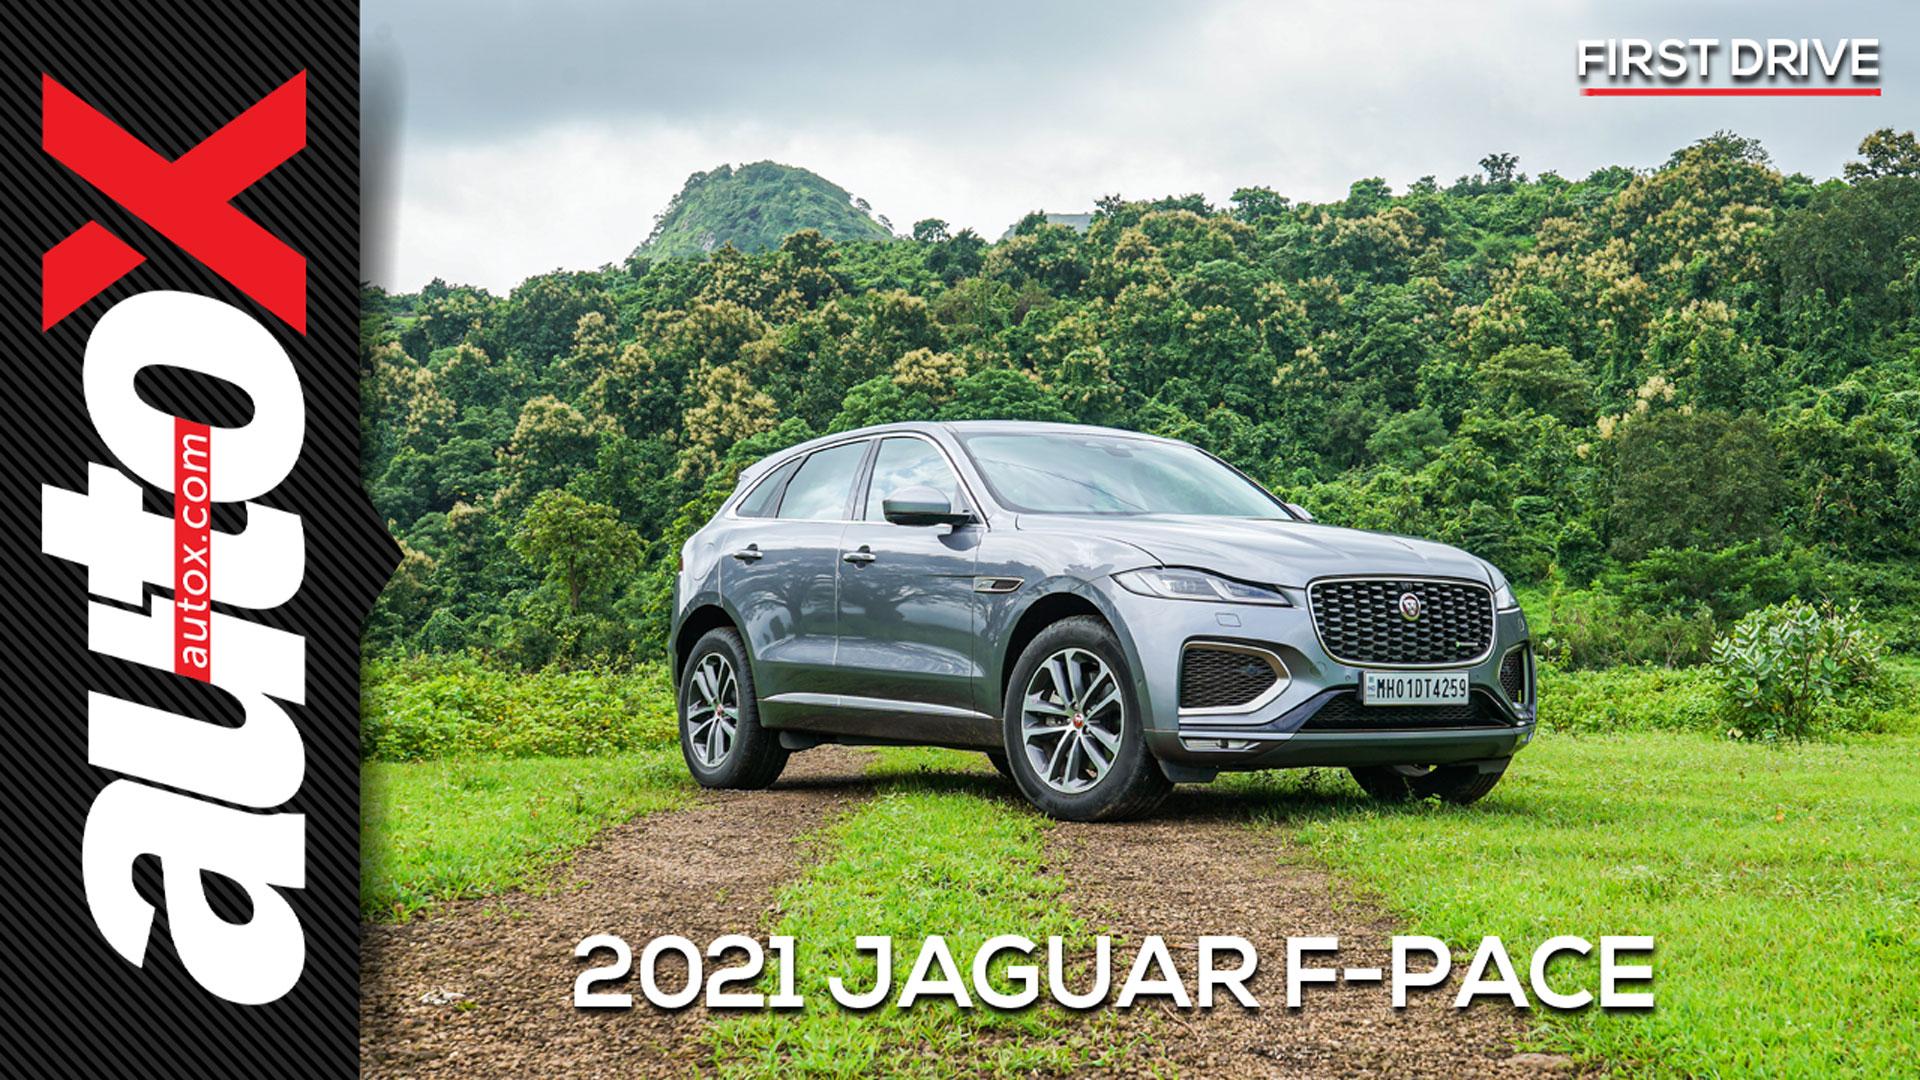 2021 Jaguar F-Pace: Has Jaguar finally got the formula right? | Review | autoX